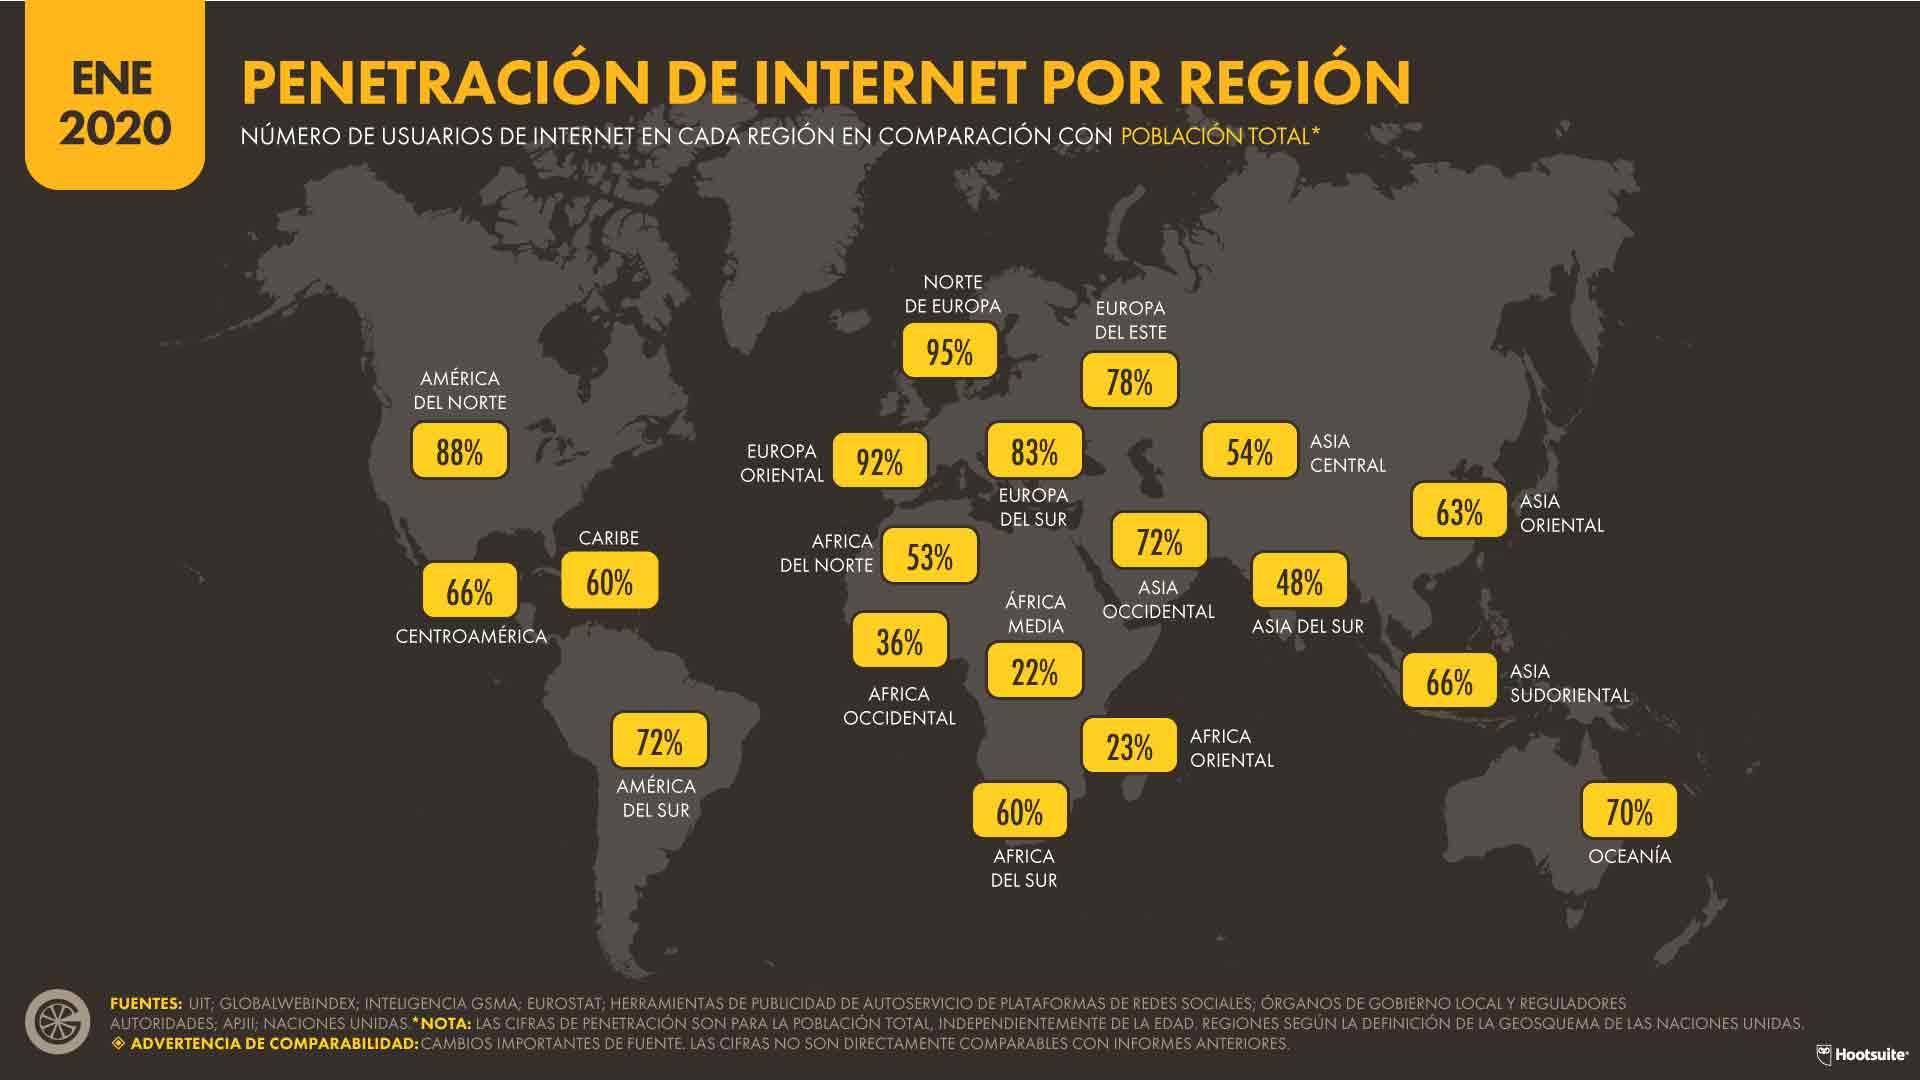 PENETRACIÓN DE INTERNET POR REGIÓN